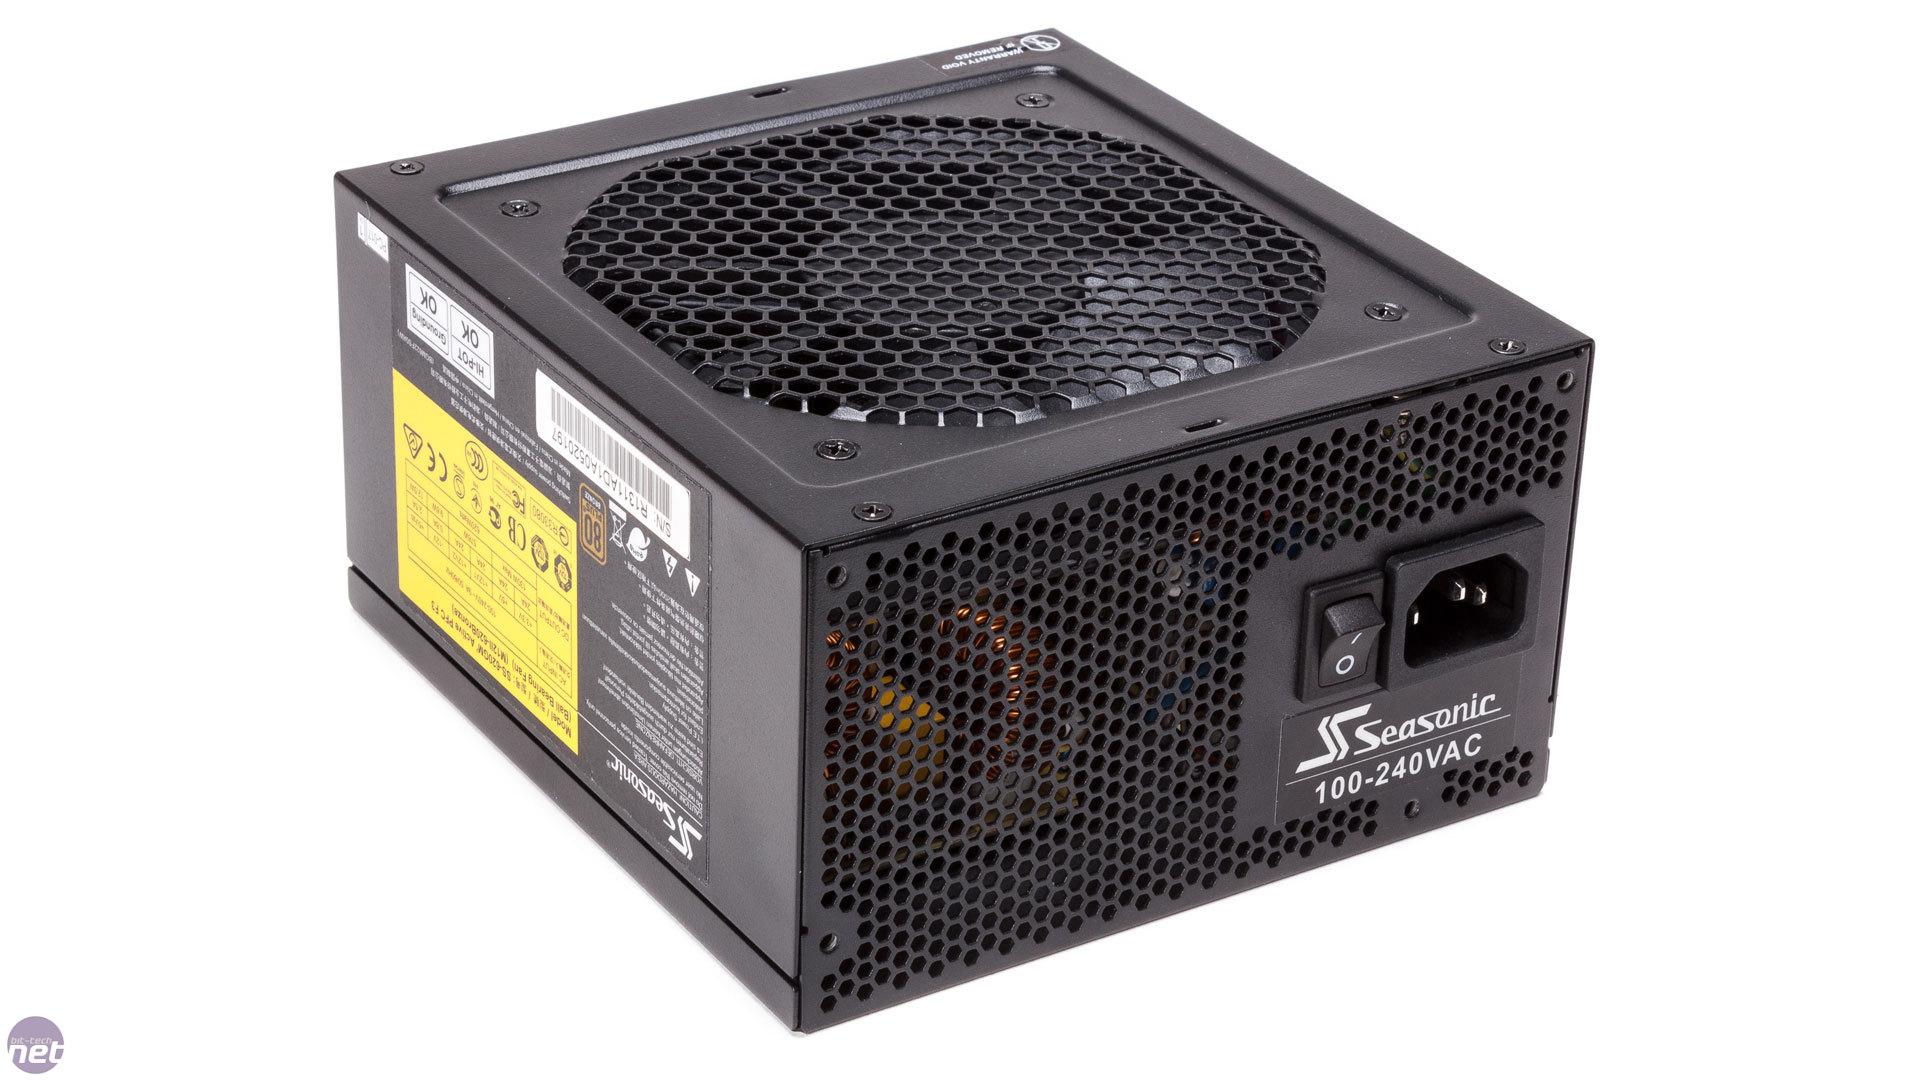 550W-650W PSU Roundup 2014 | bit-tech.net